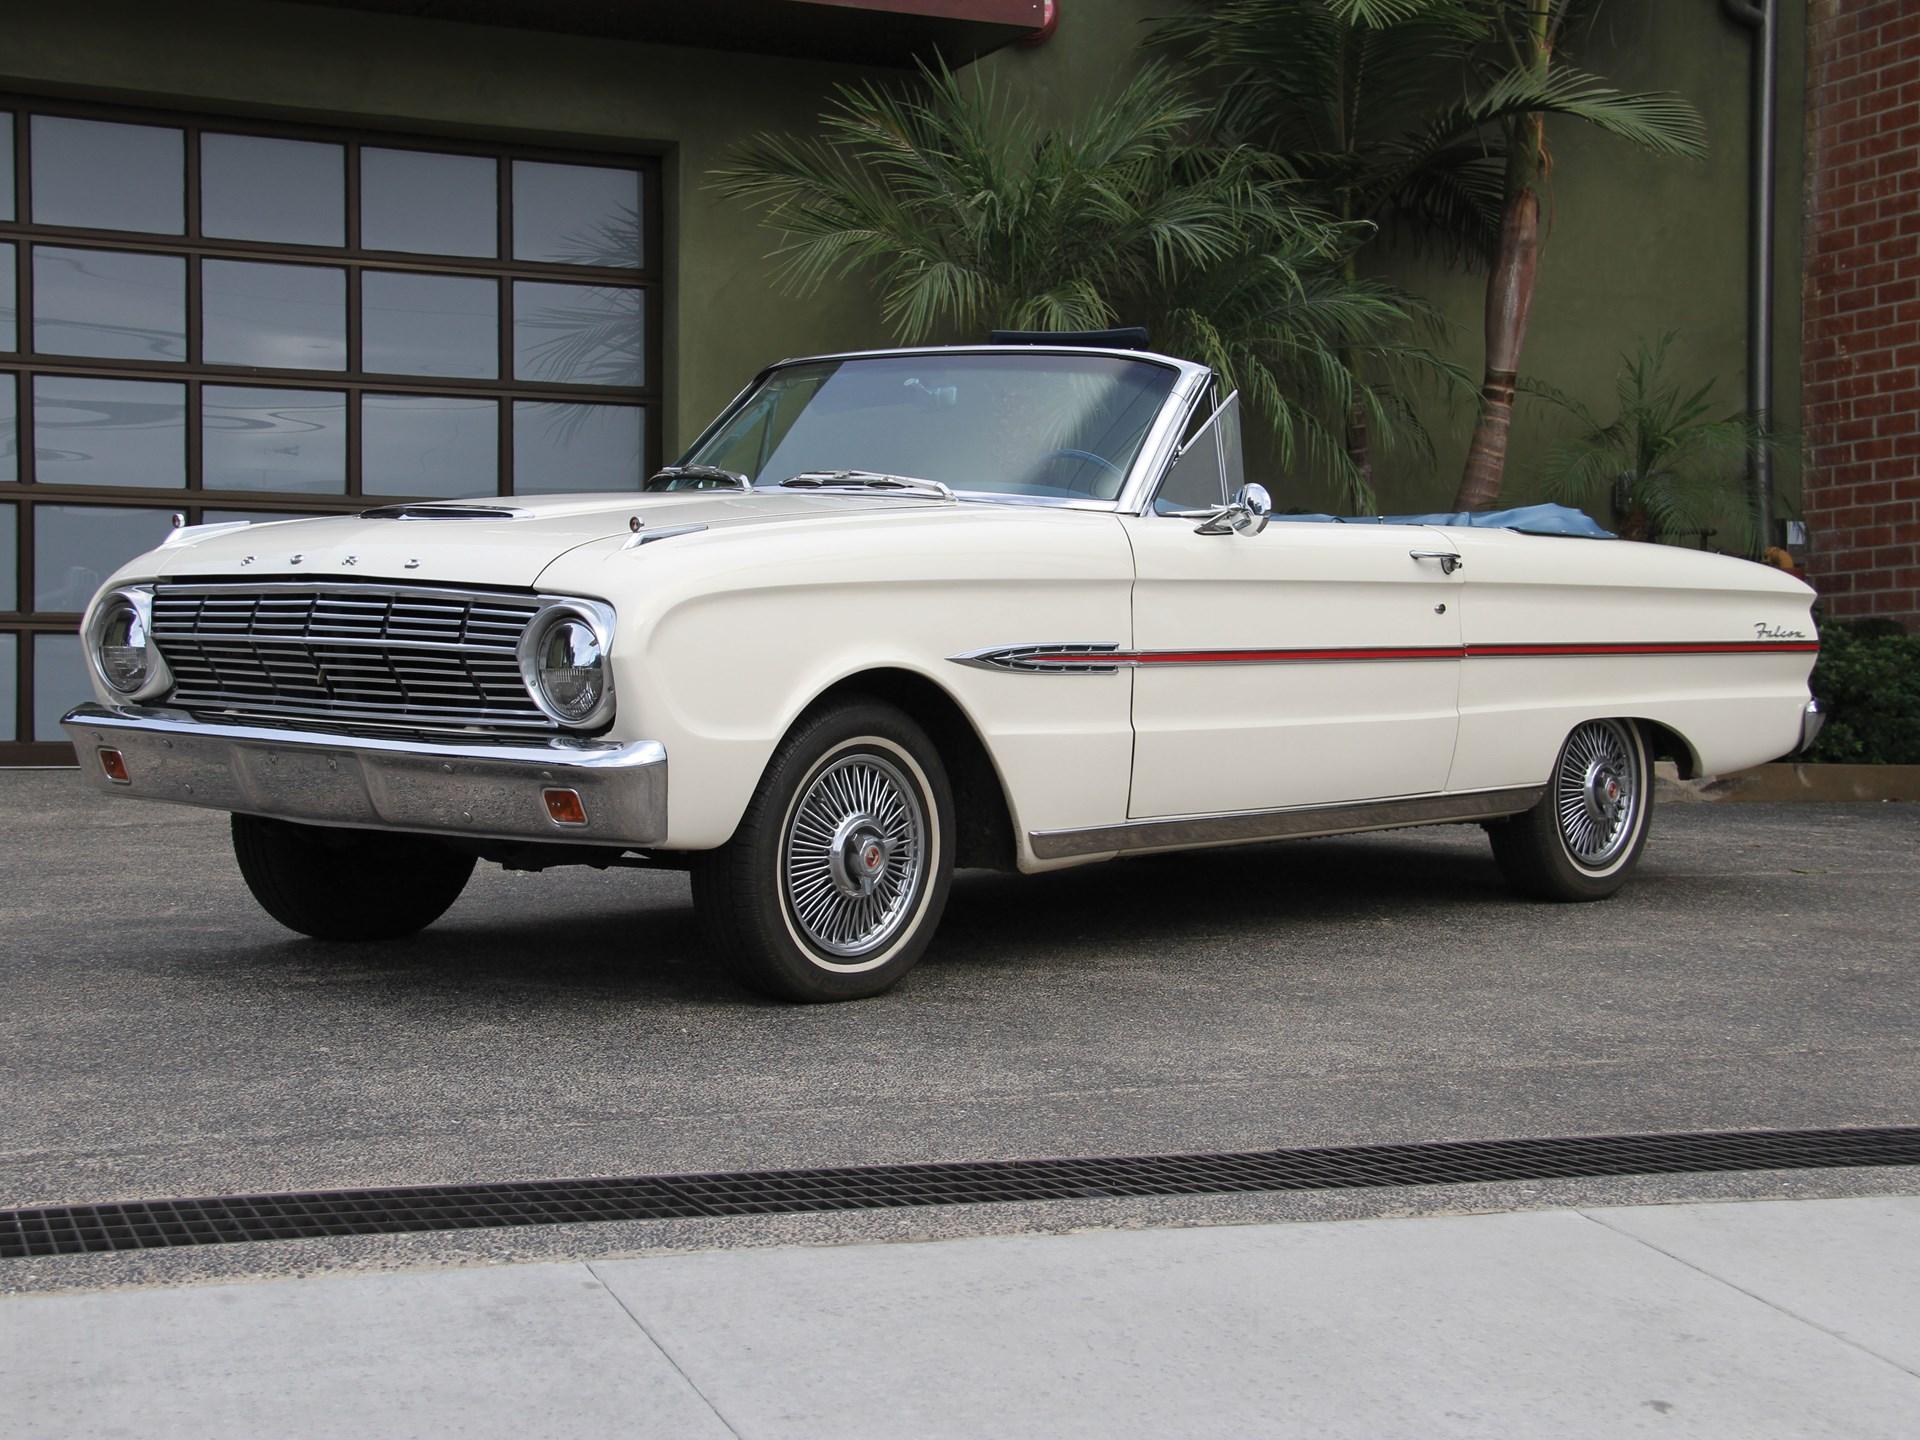 RM Sotheby's - 1963 Ford Falcon Futura | California 2013